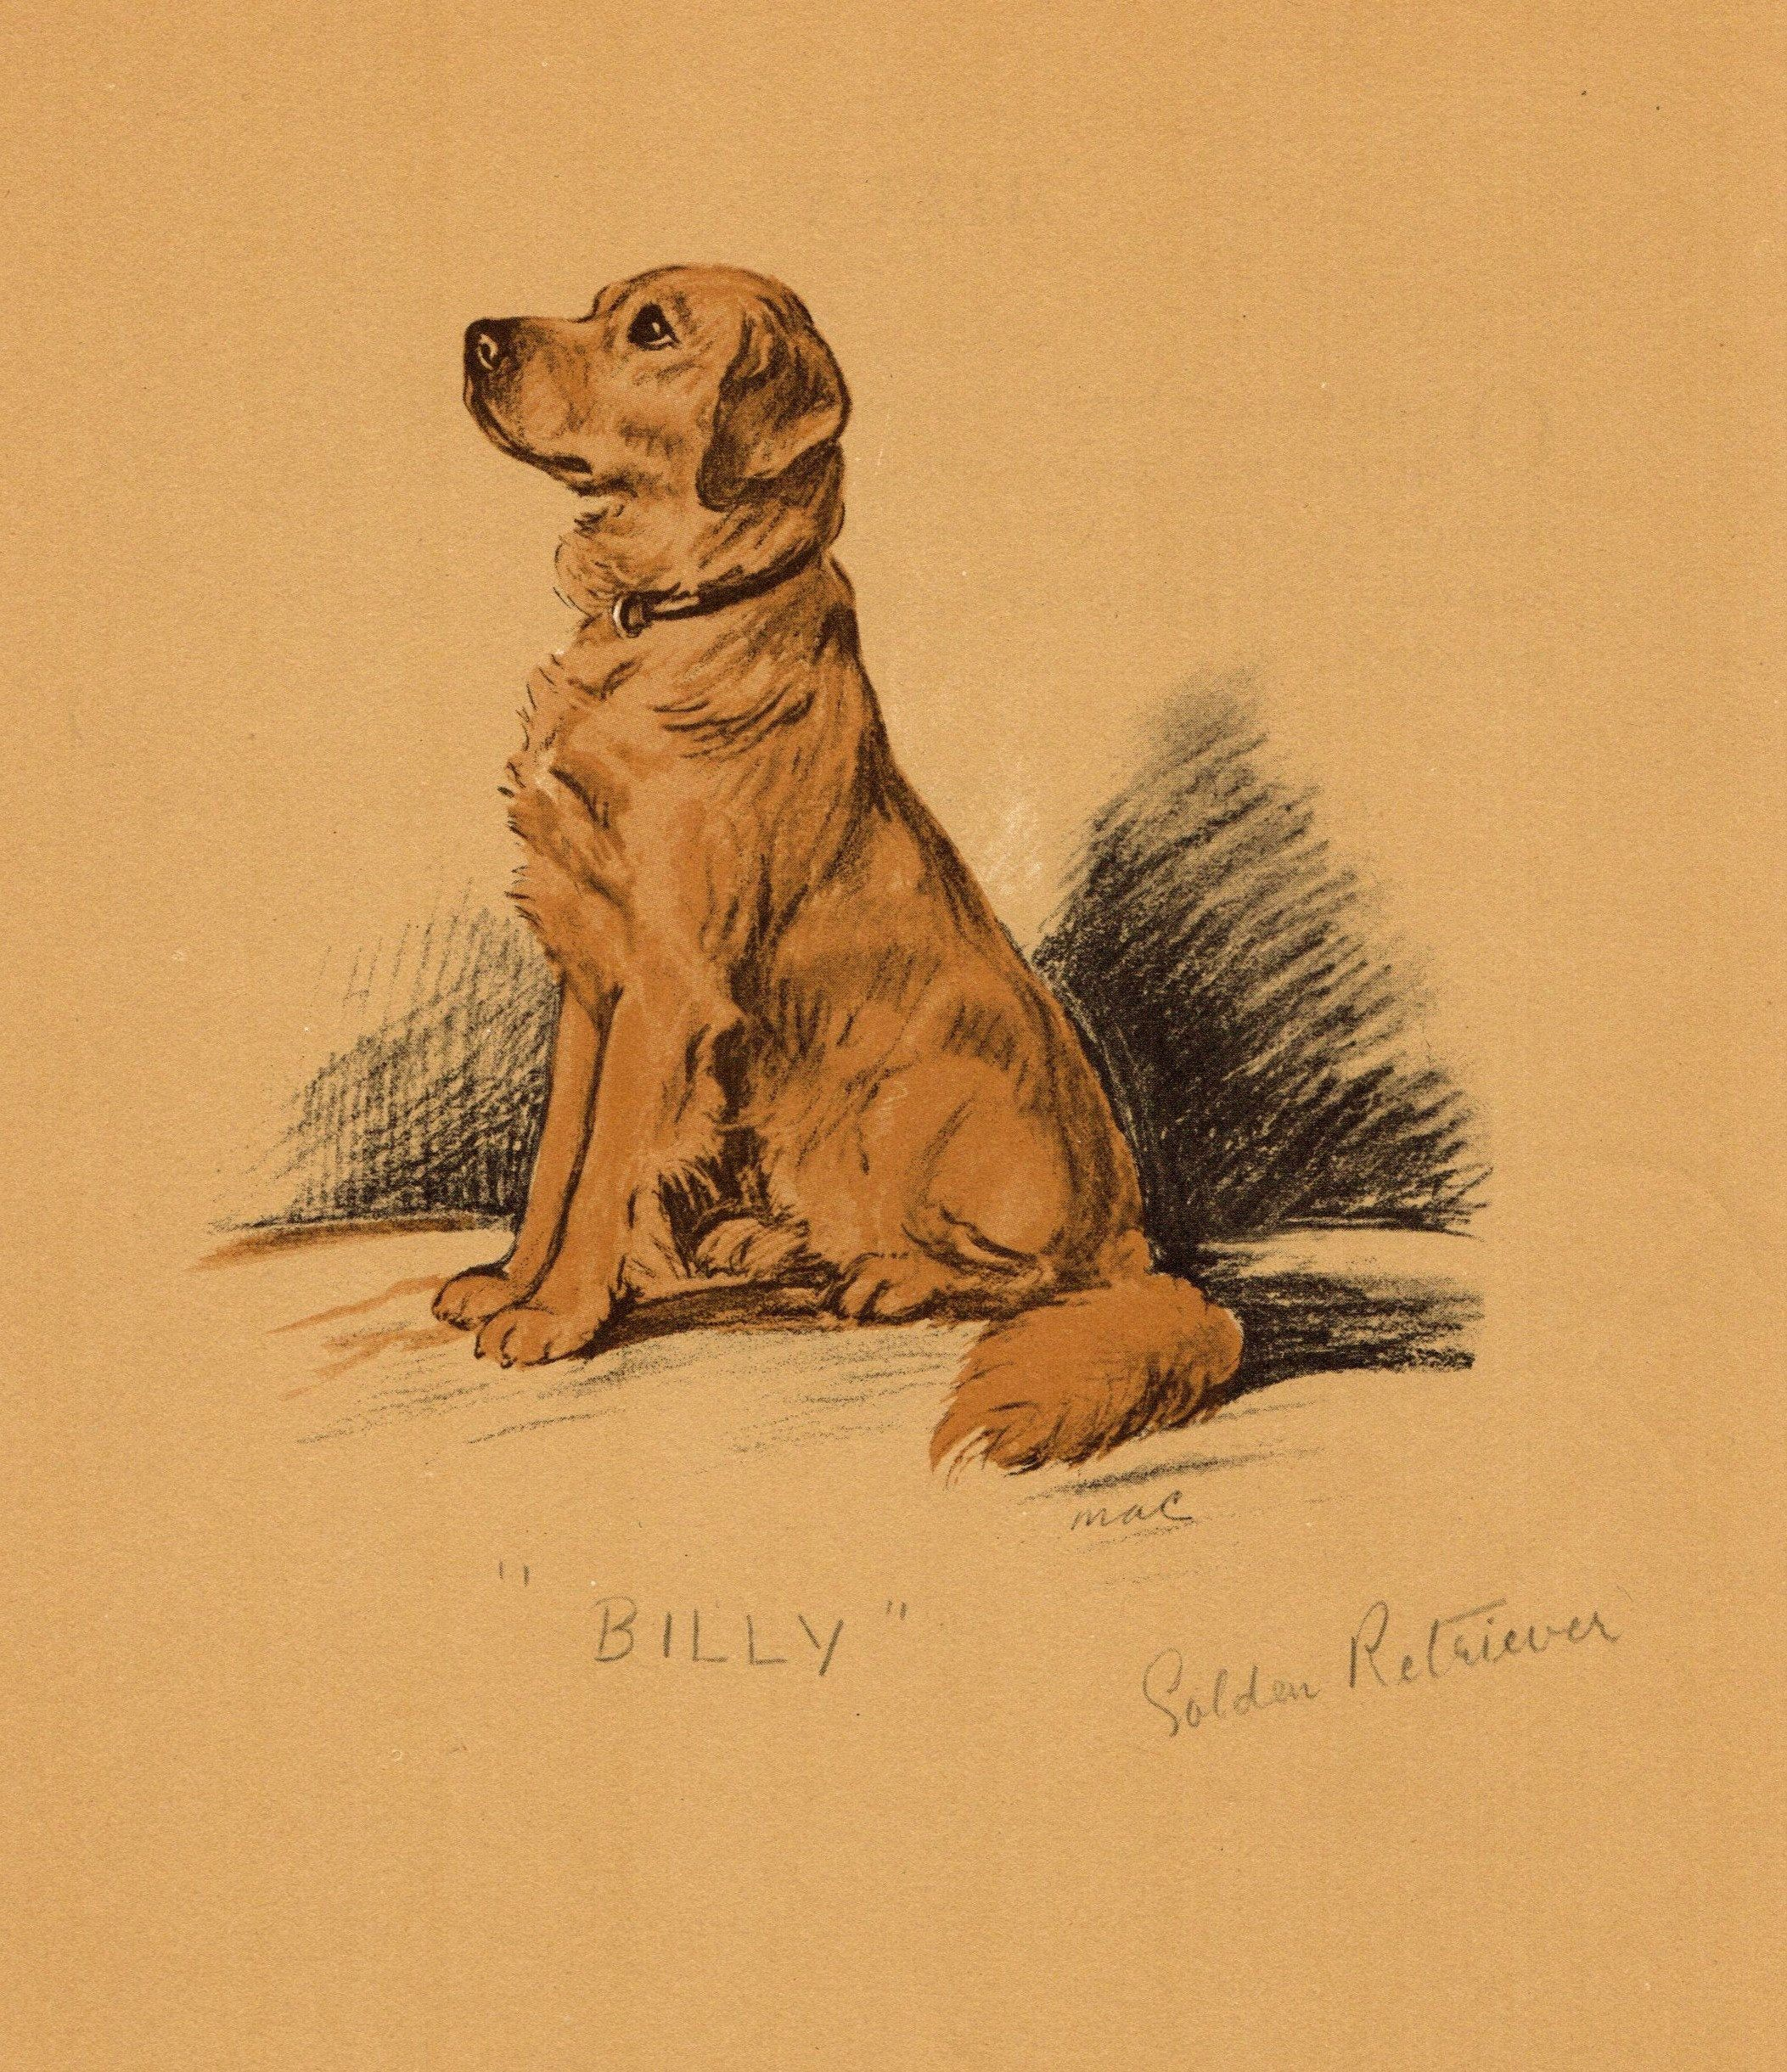 1937 Antique Golden Retriever Dog Print Vintage Lucy Dawson Golden